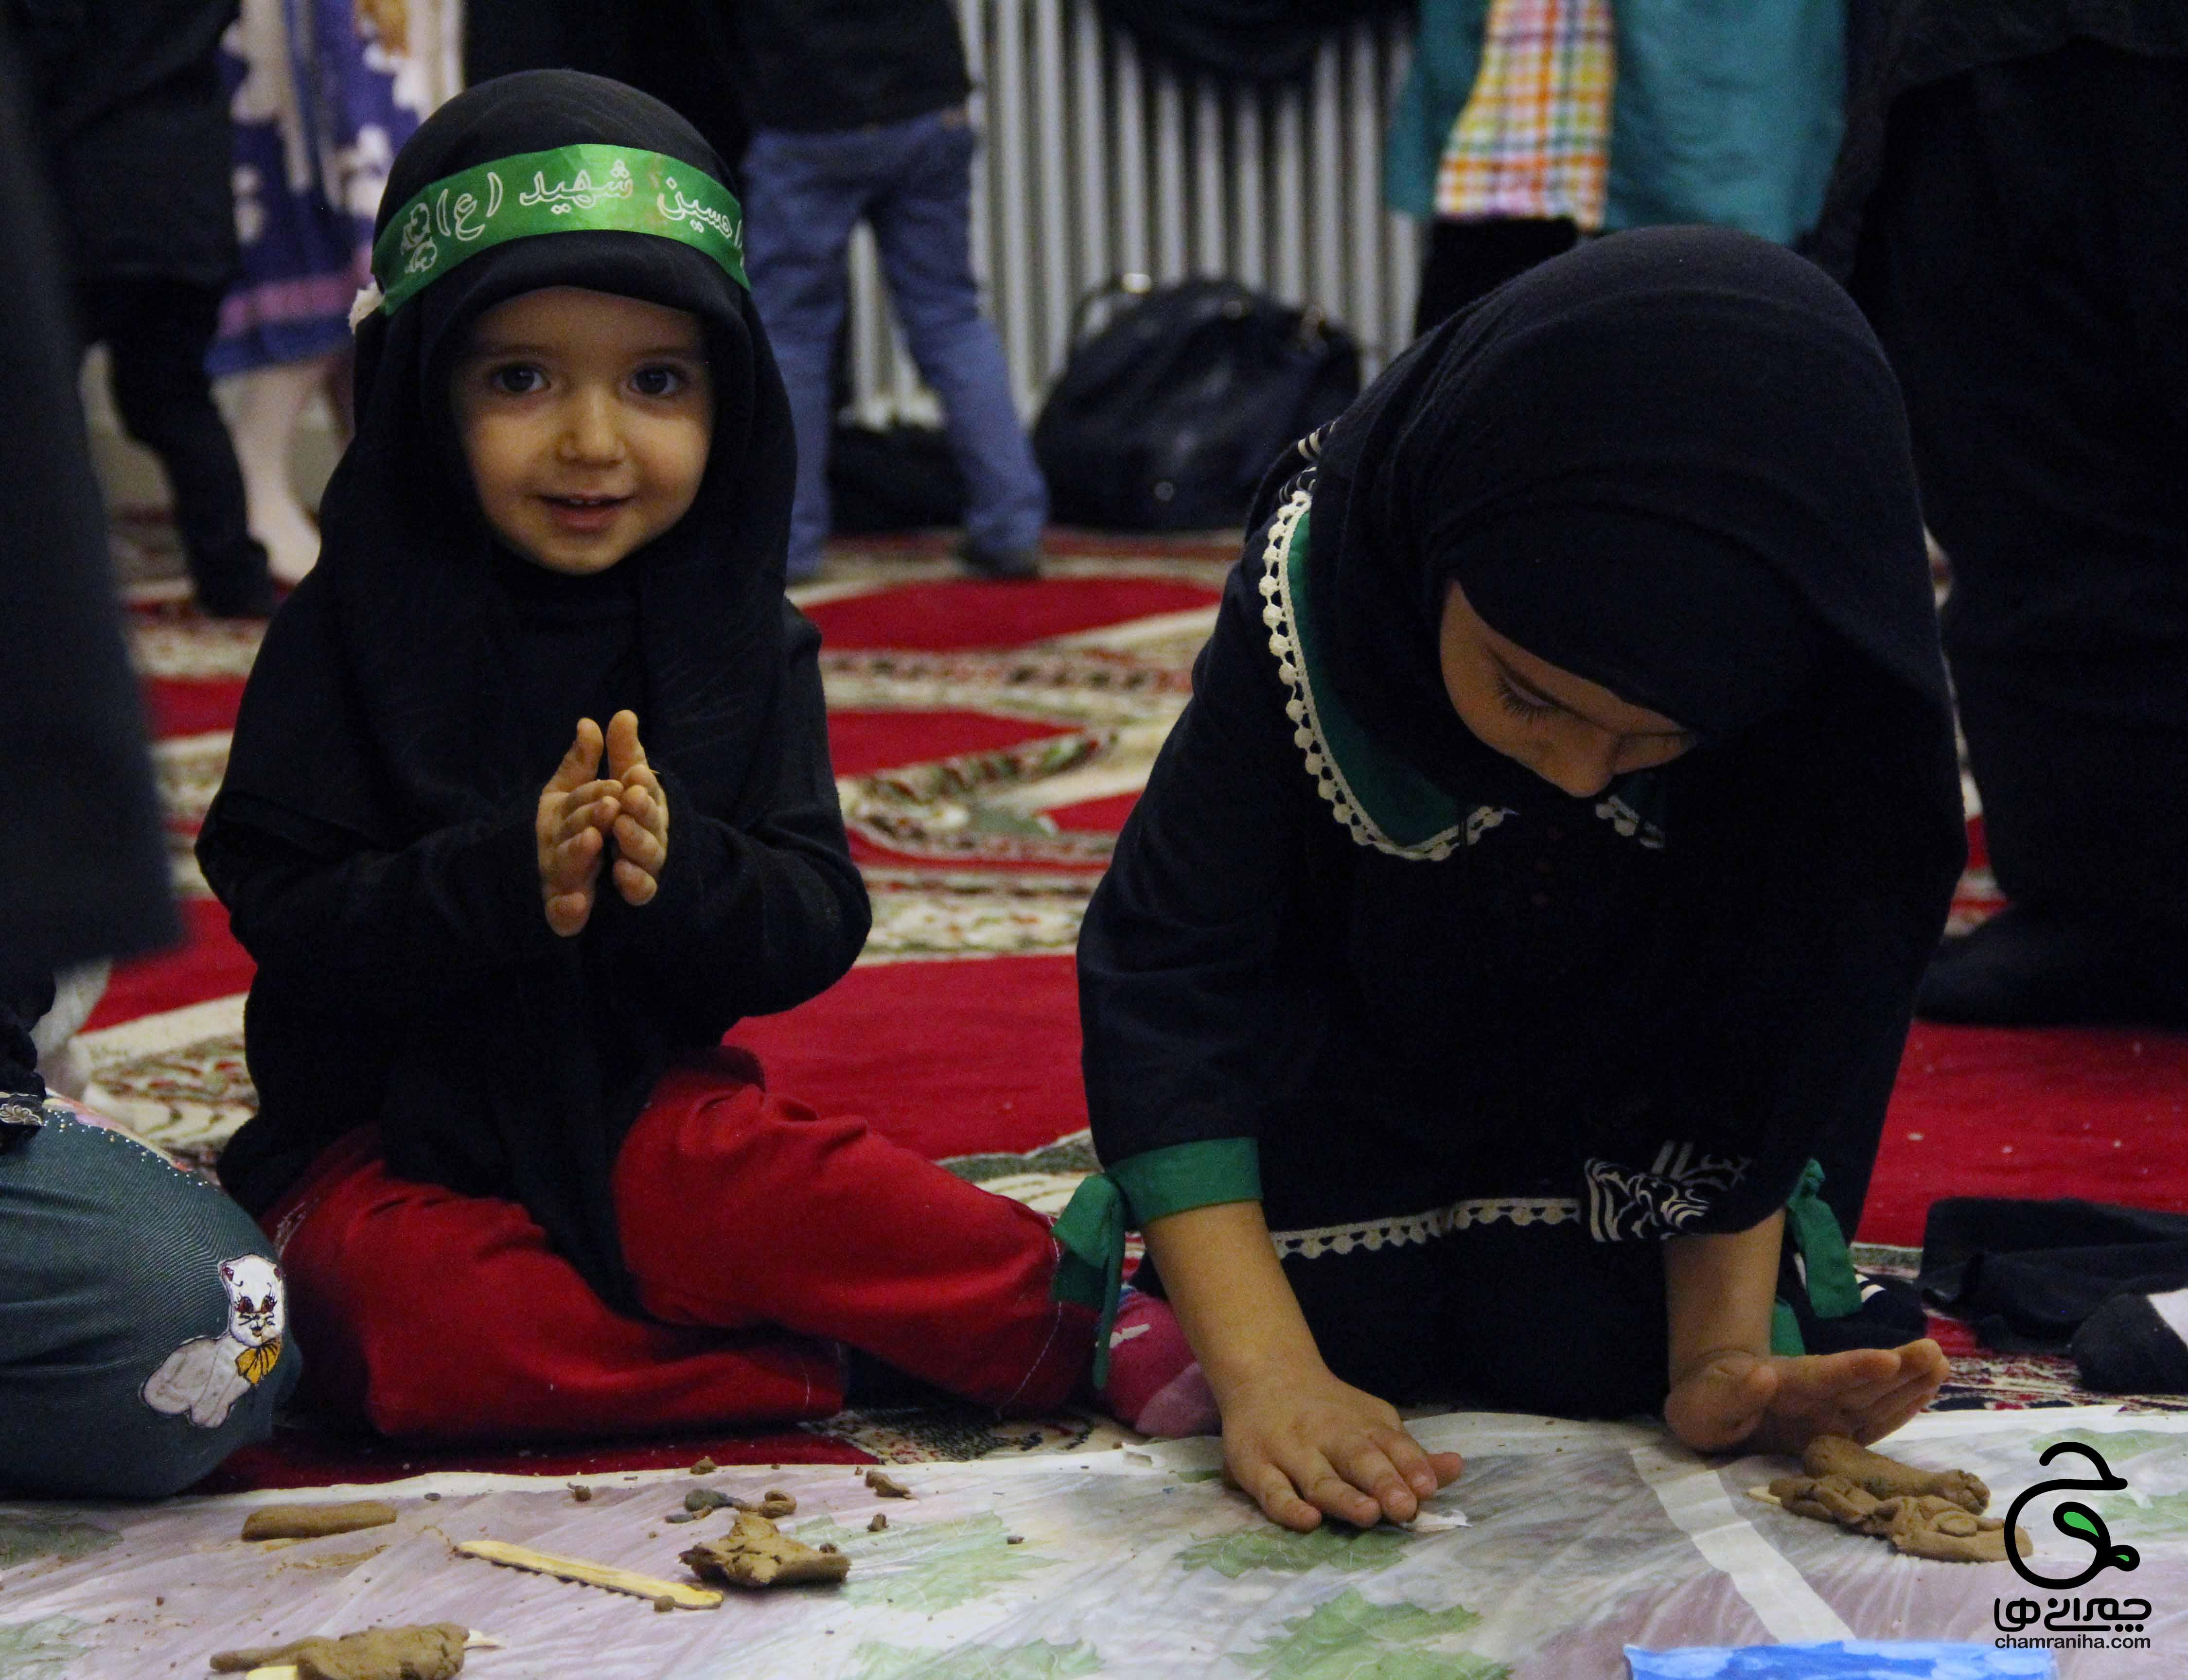 هیئت کودک، هیئتی برای کودکان راهی برای تربیت دینی